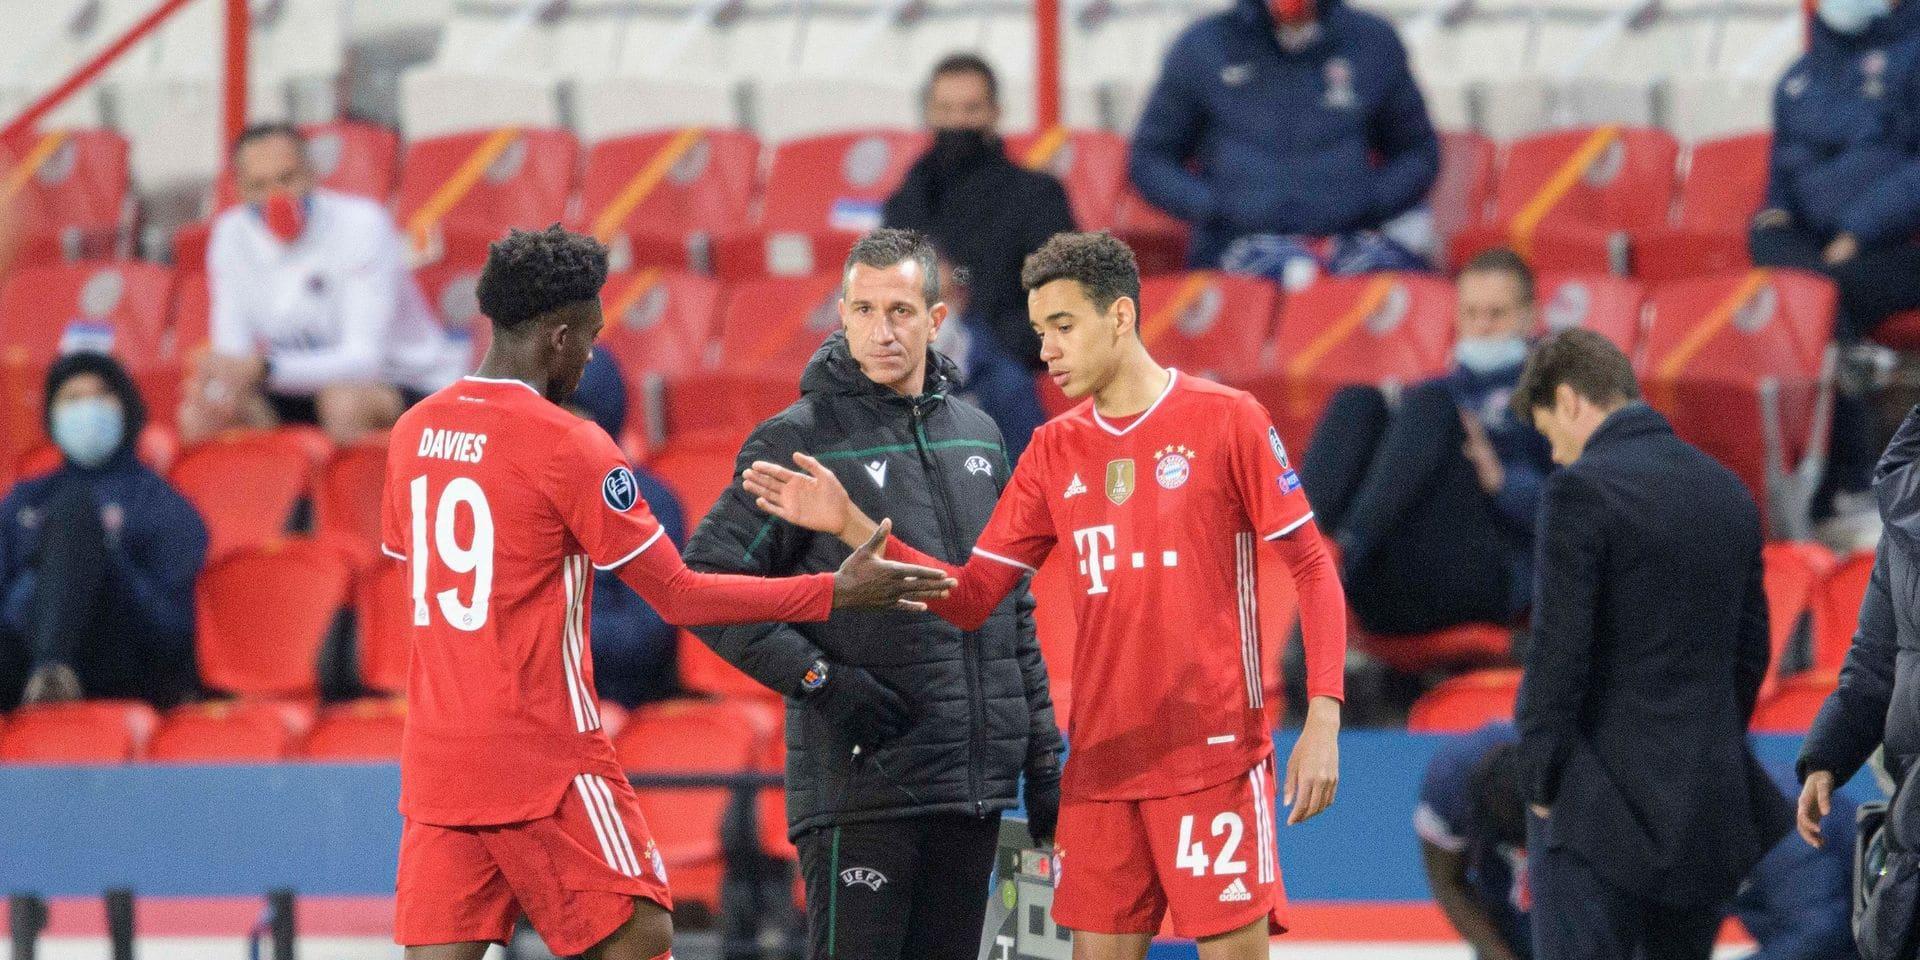 """Le président du Bayern peste contre la Super League: """"Elle ne résoudra pas les problèmes financiers des clubs européens causés par le coronavirus"""""""